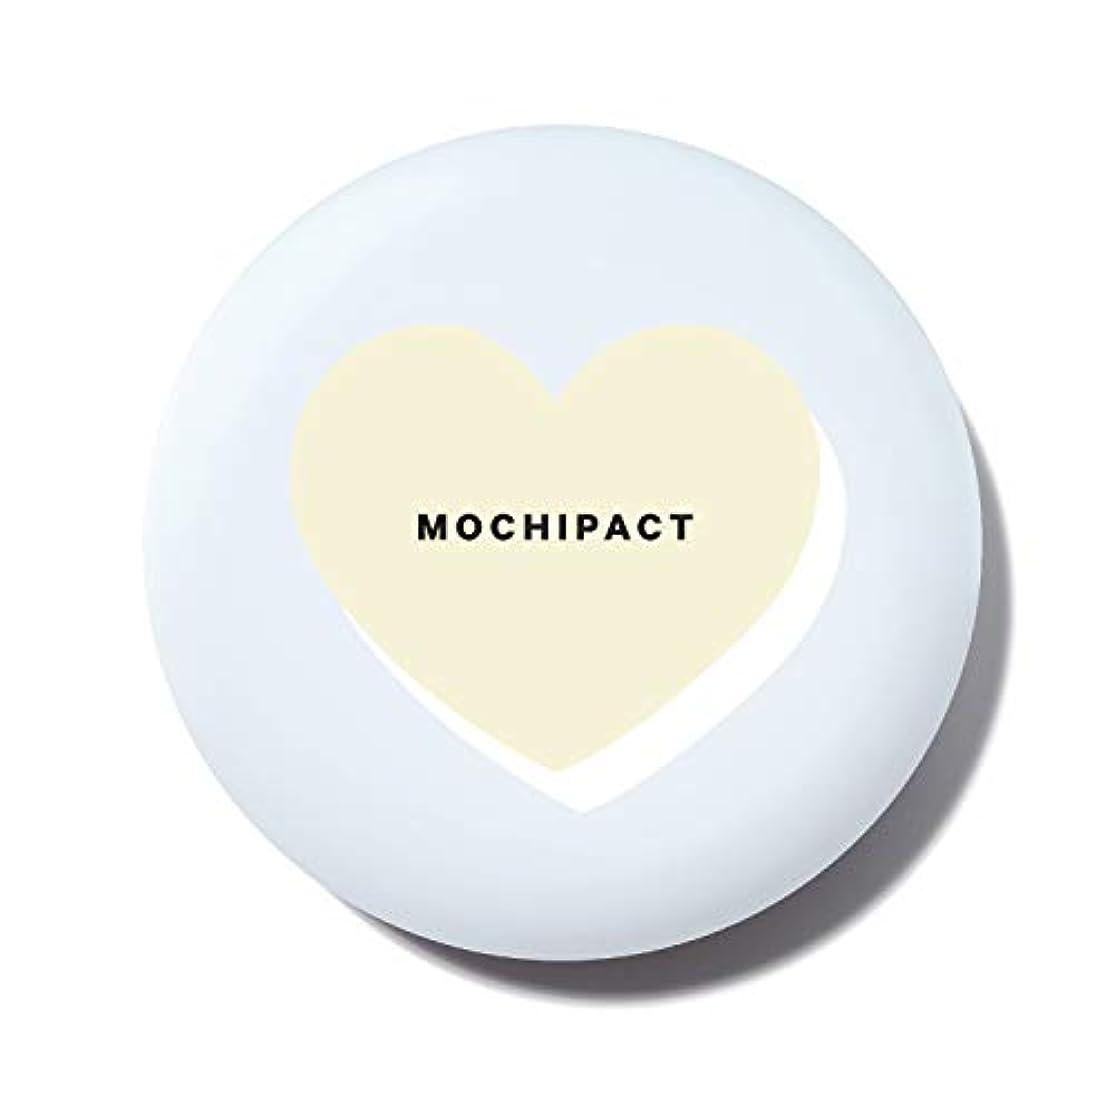 小麦粉コミット防衛16brand(シックスティーンブランド) 16MOCHI PACT (モチパクト) ピーチライト (PEACH LIGHT) (9g)